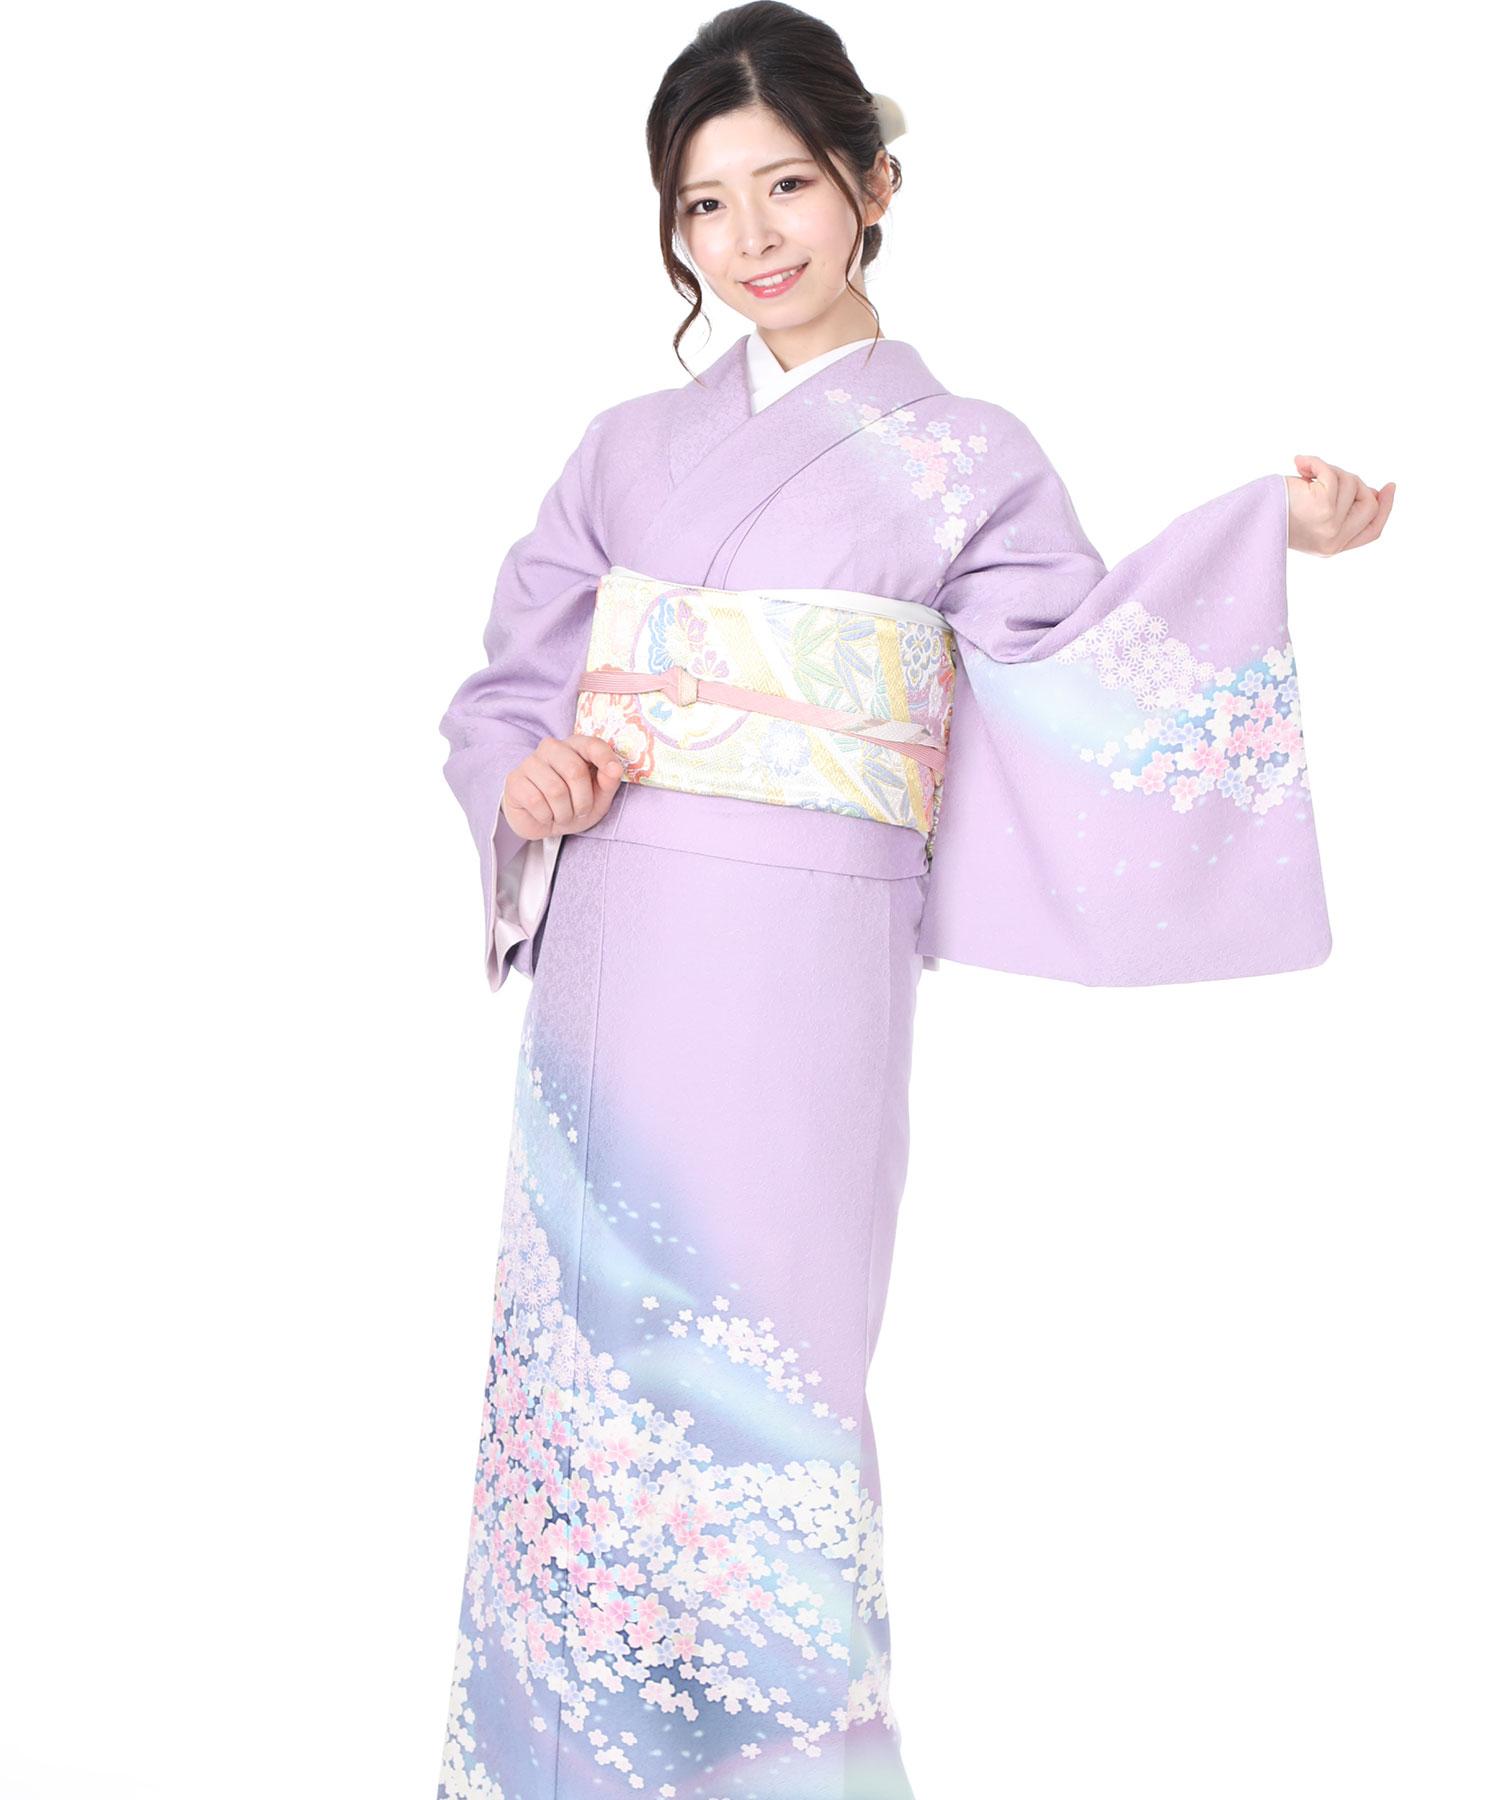 訪問着レンタル|薄い紫に紺色ぼかし桜小花